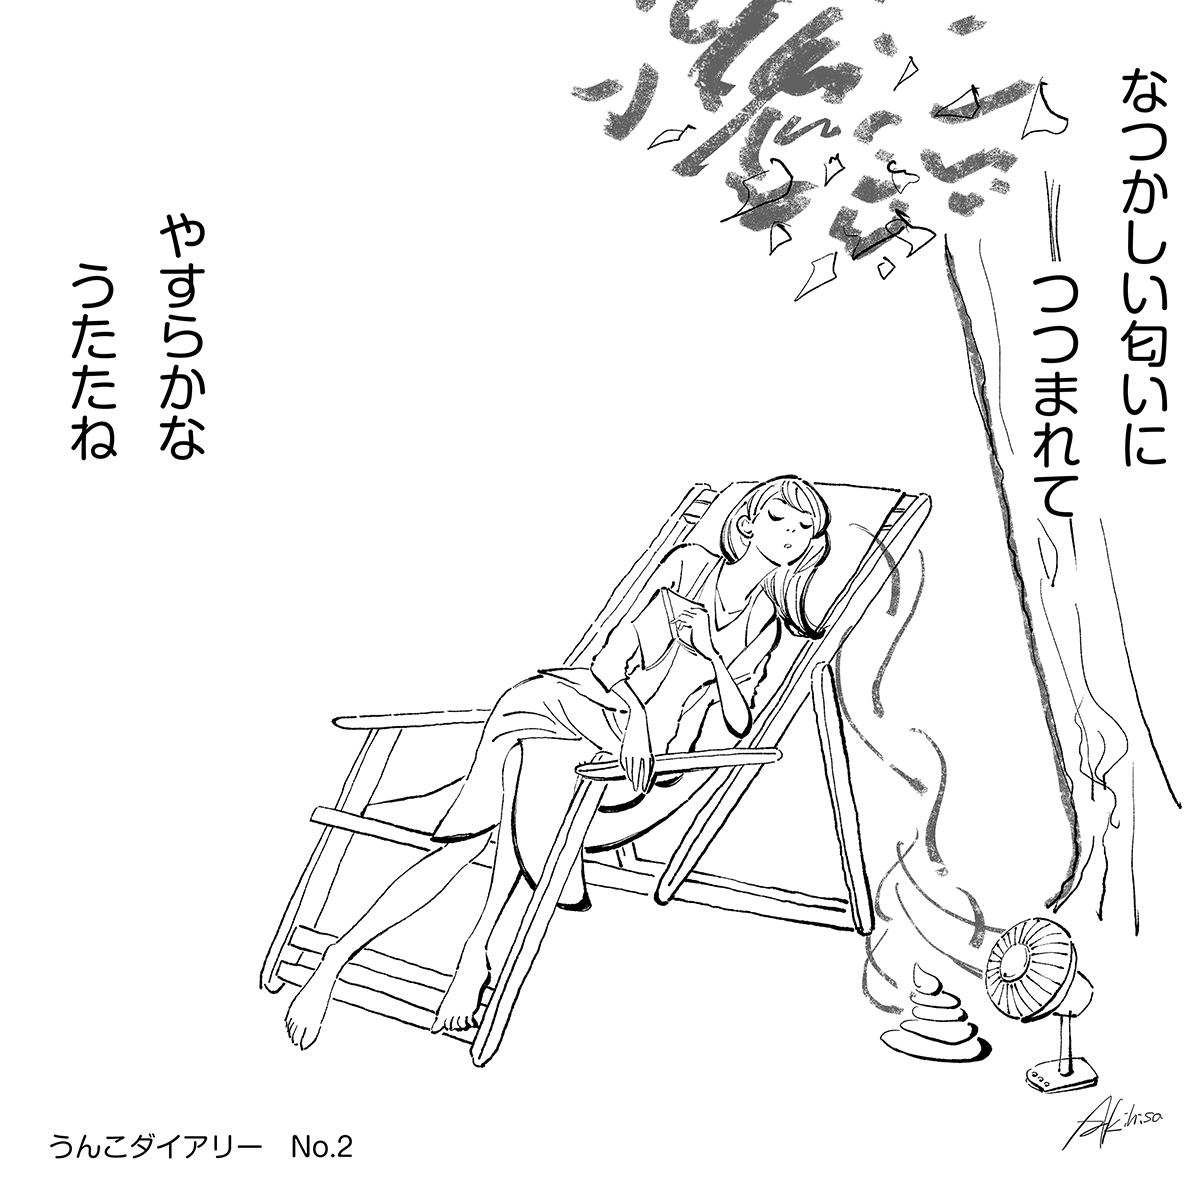 「うんこダイアリー」No.02